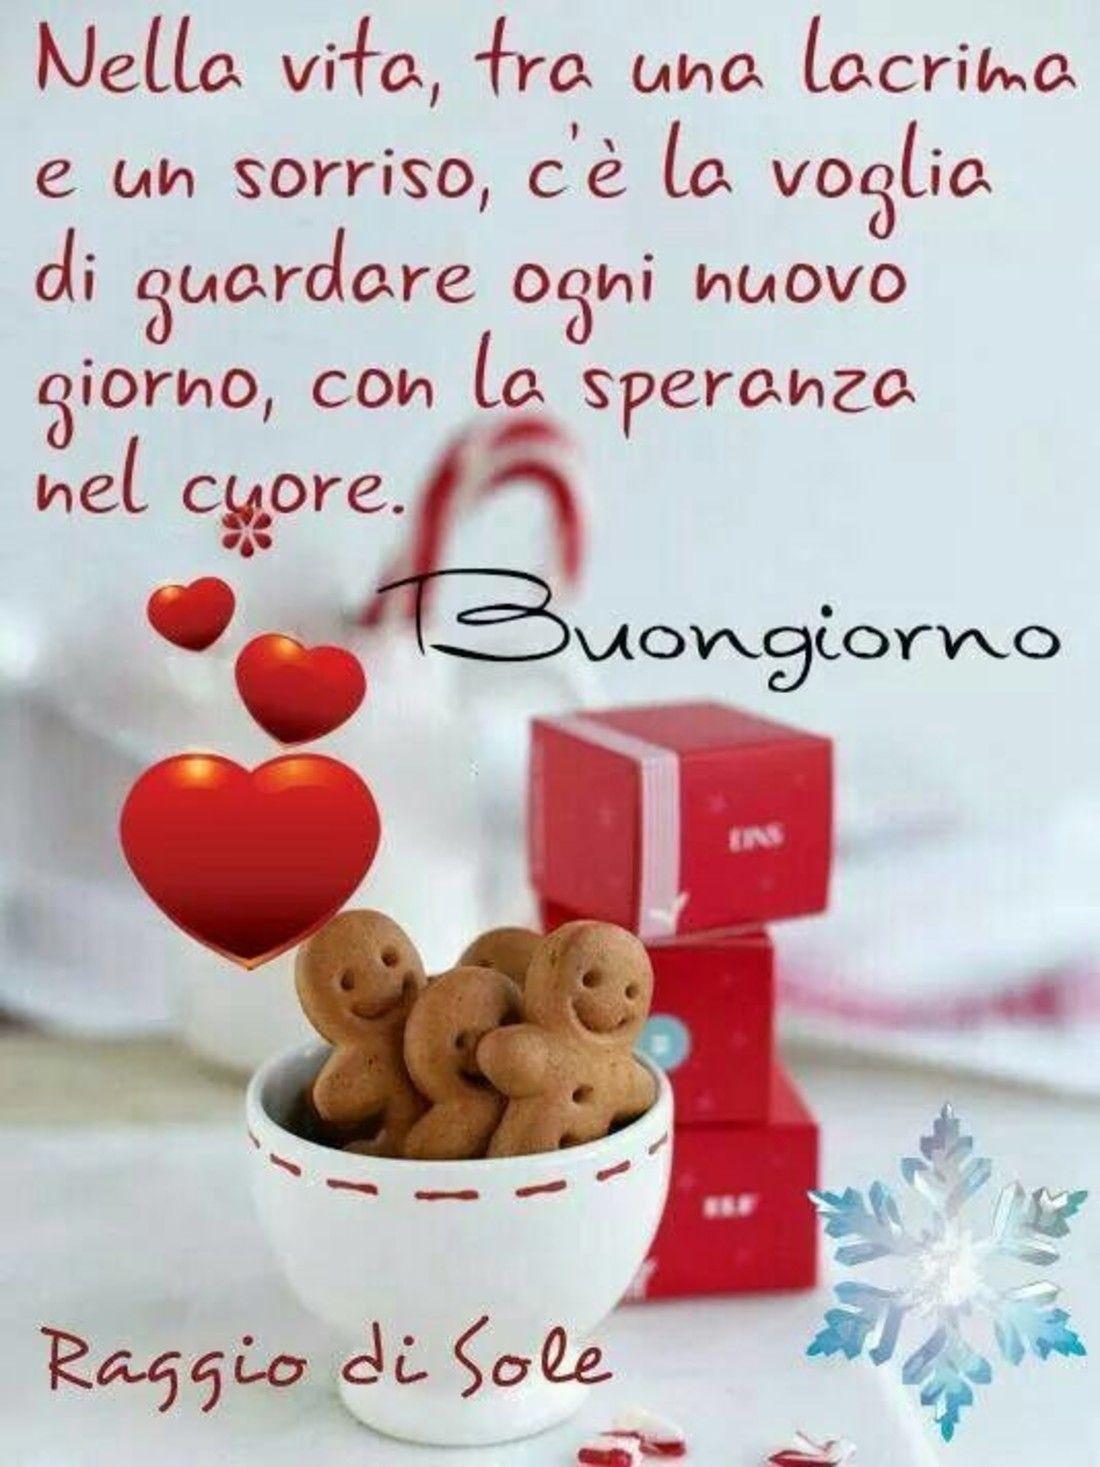 Buongiorno Amore 25 Buona Giornata Buongiorno Amore